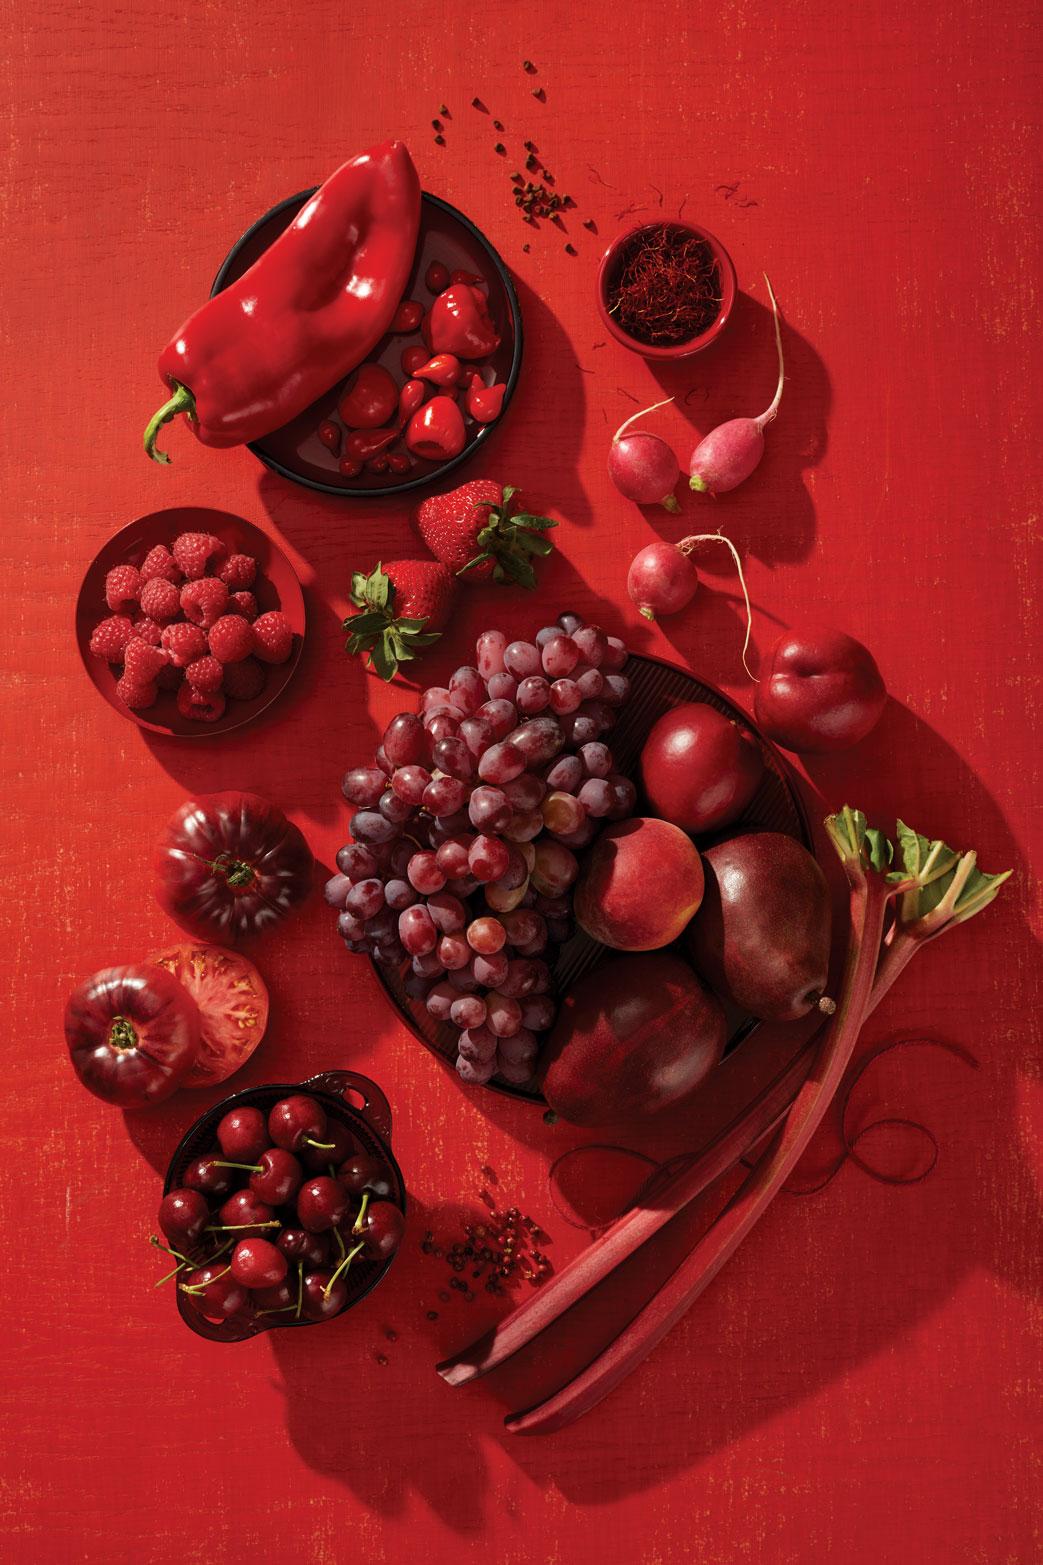 Tyllie_Barbosa_Color_Series_Red.jpg